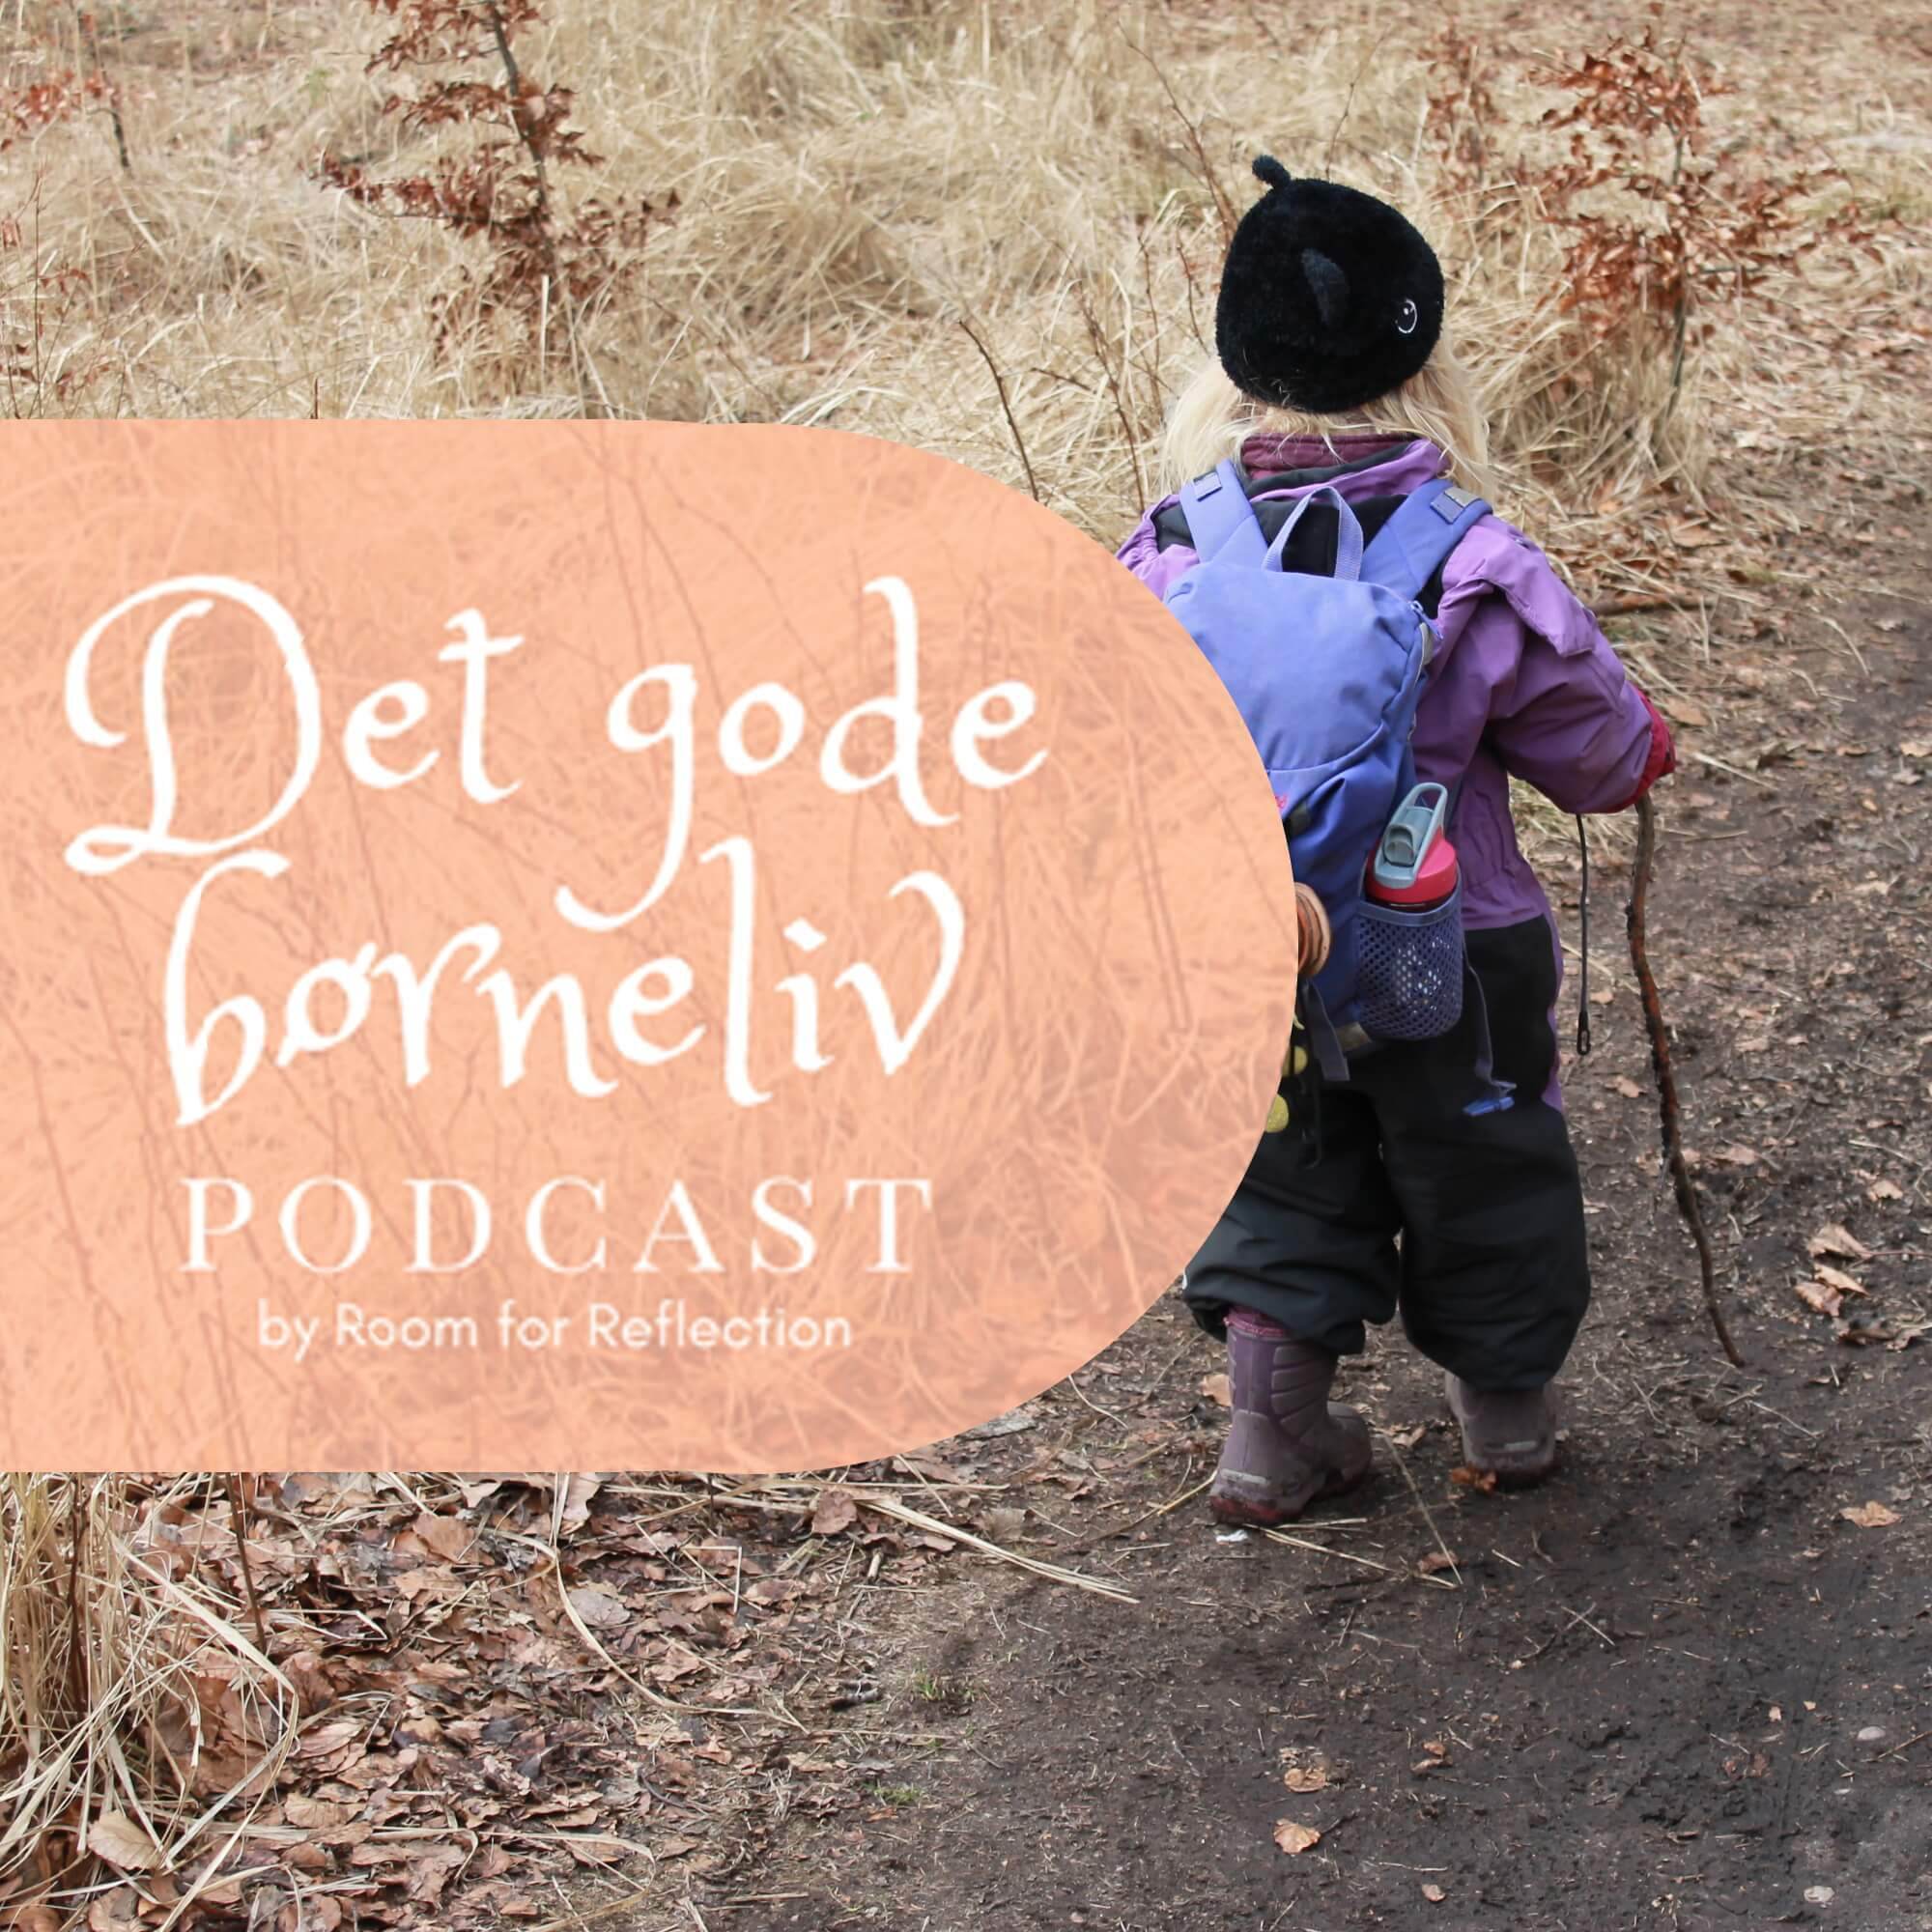 Podcast: Det gode børneliv